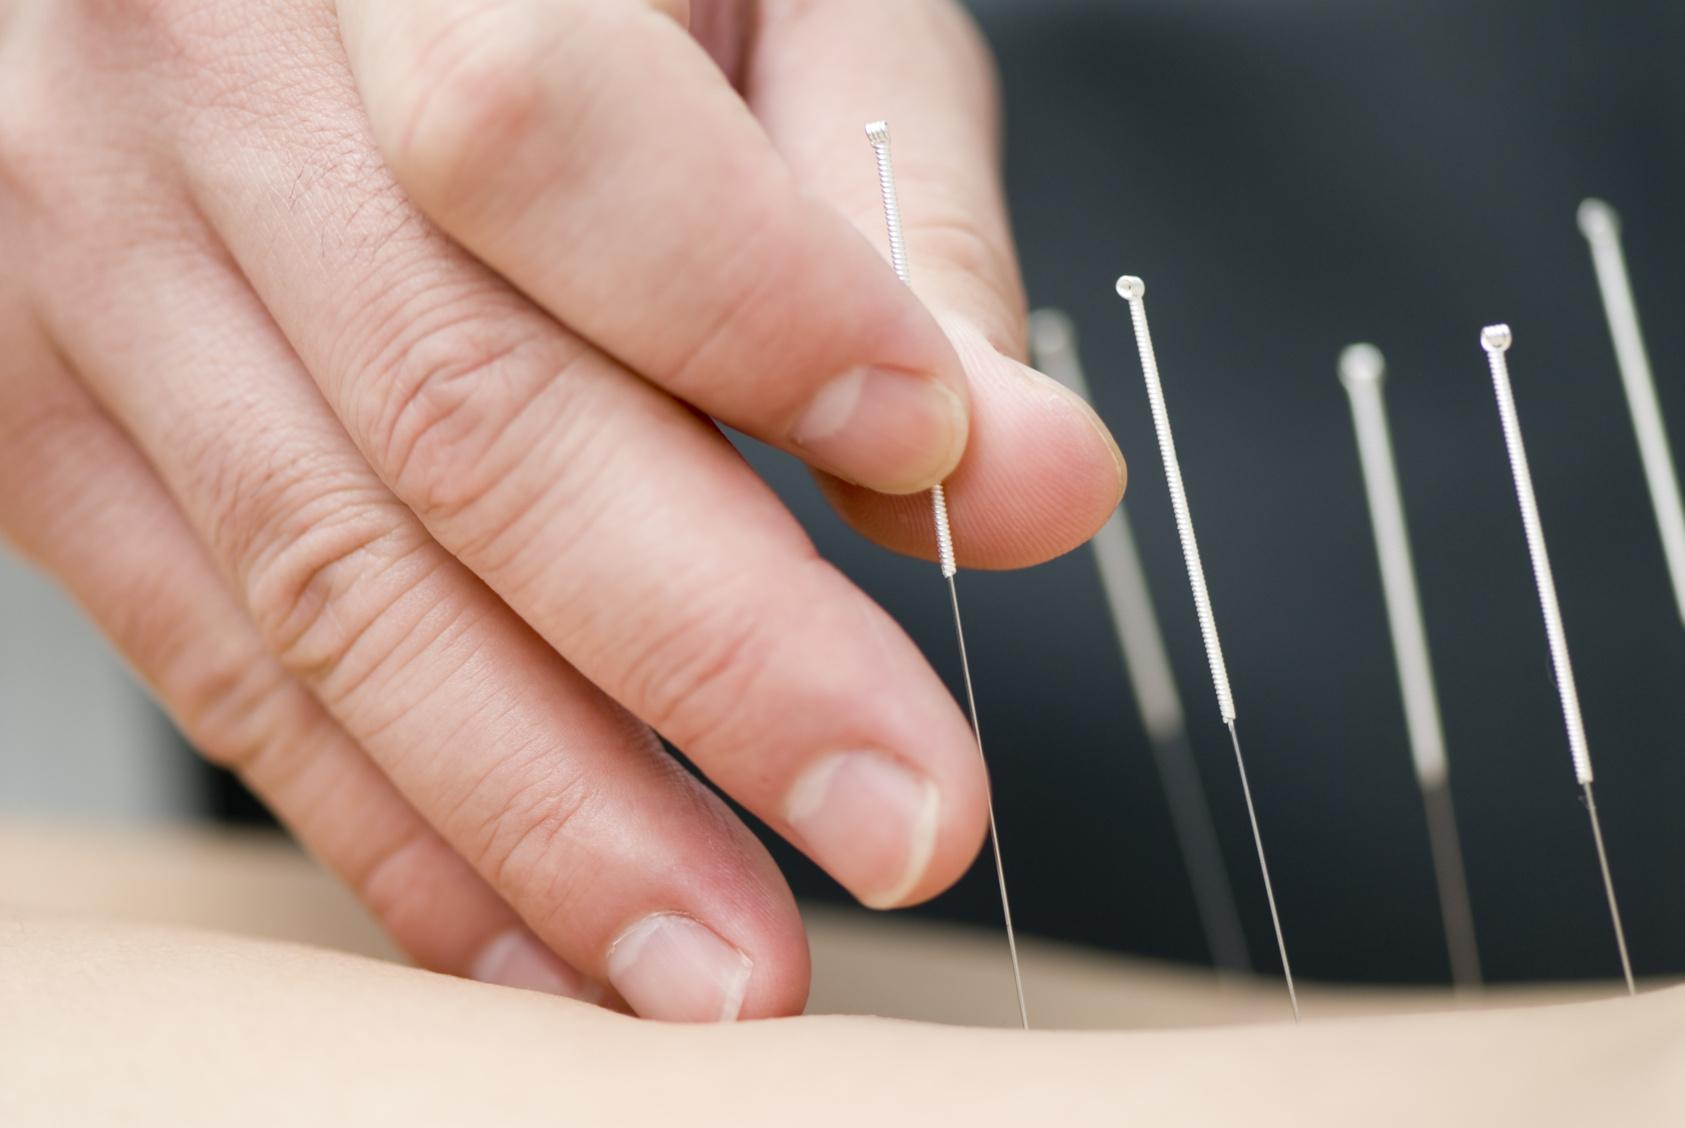 Pendant l'été, Marie-Laure Gruau reçoit en consultation chez Semaphorus Praticienne en énergétique traditionnelle chinoise : massage thérapeutique Tuina, acupuncture. Thérapie par le son avec les diapasons.